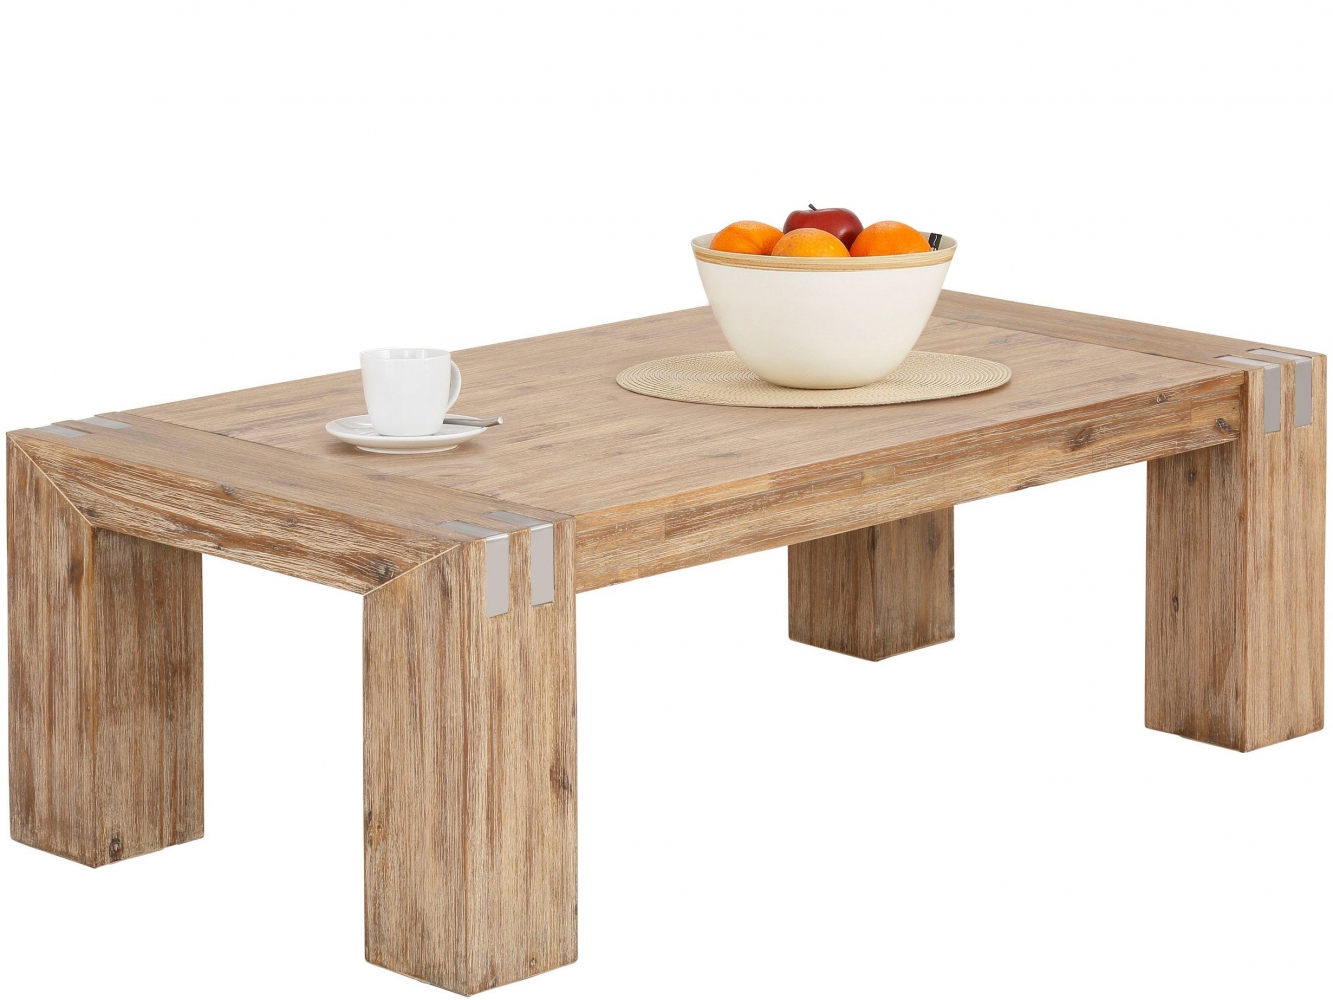 Konferenční stolek Bosan, 130 cm, akát